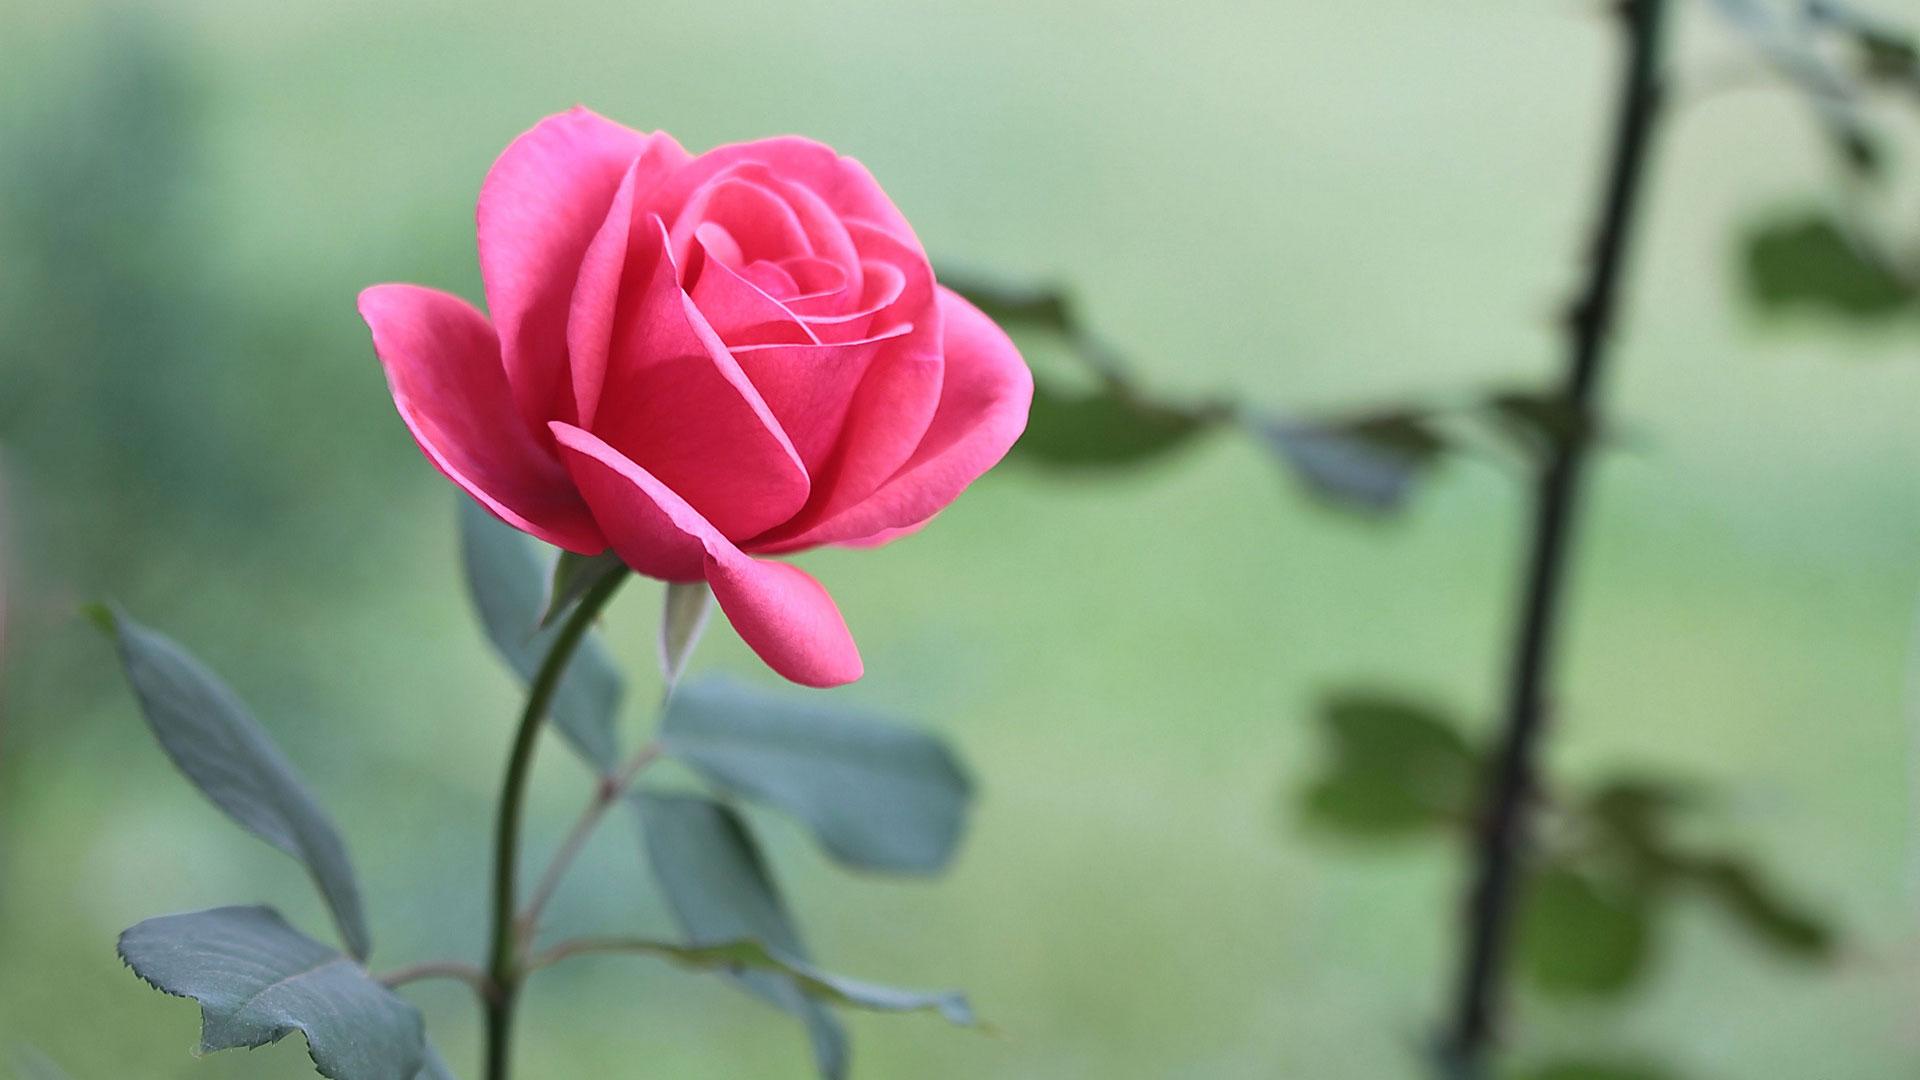 Những hình nền hoa đẹp